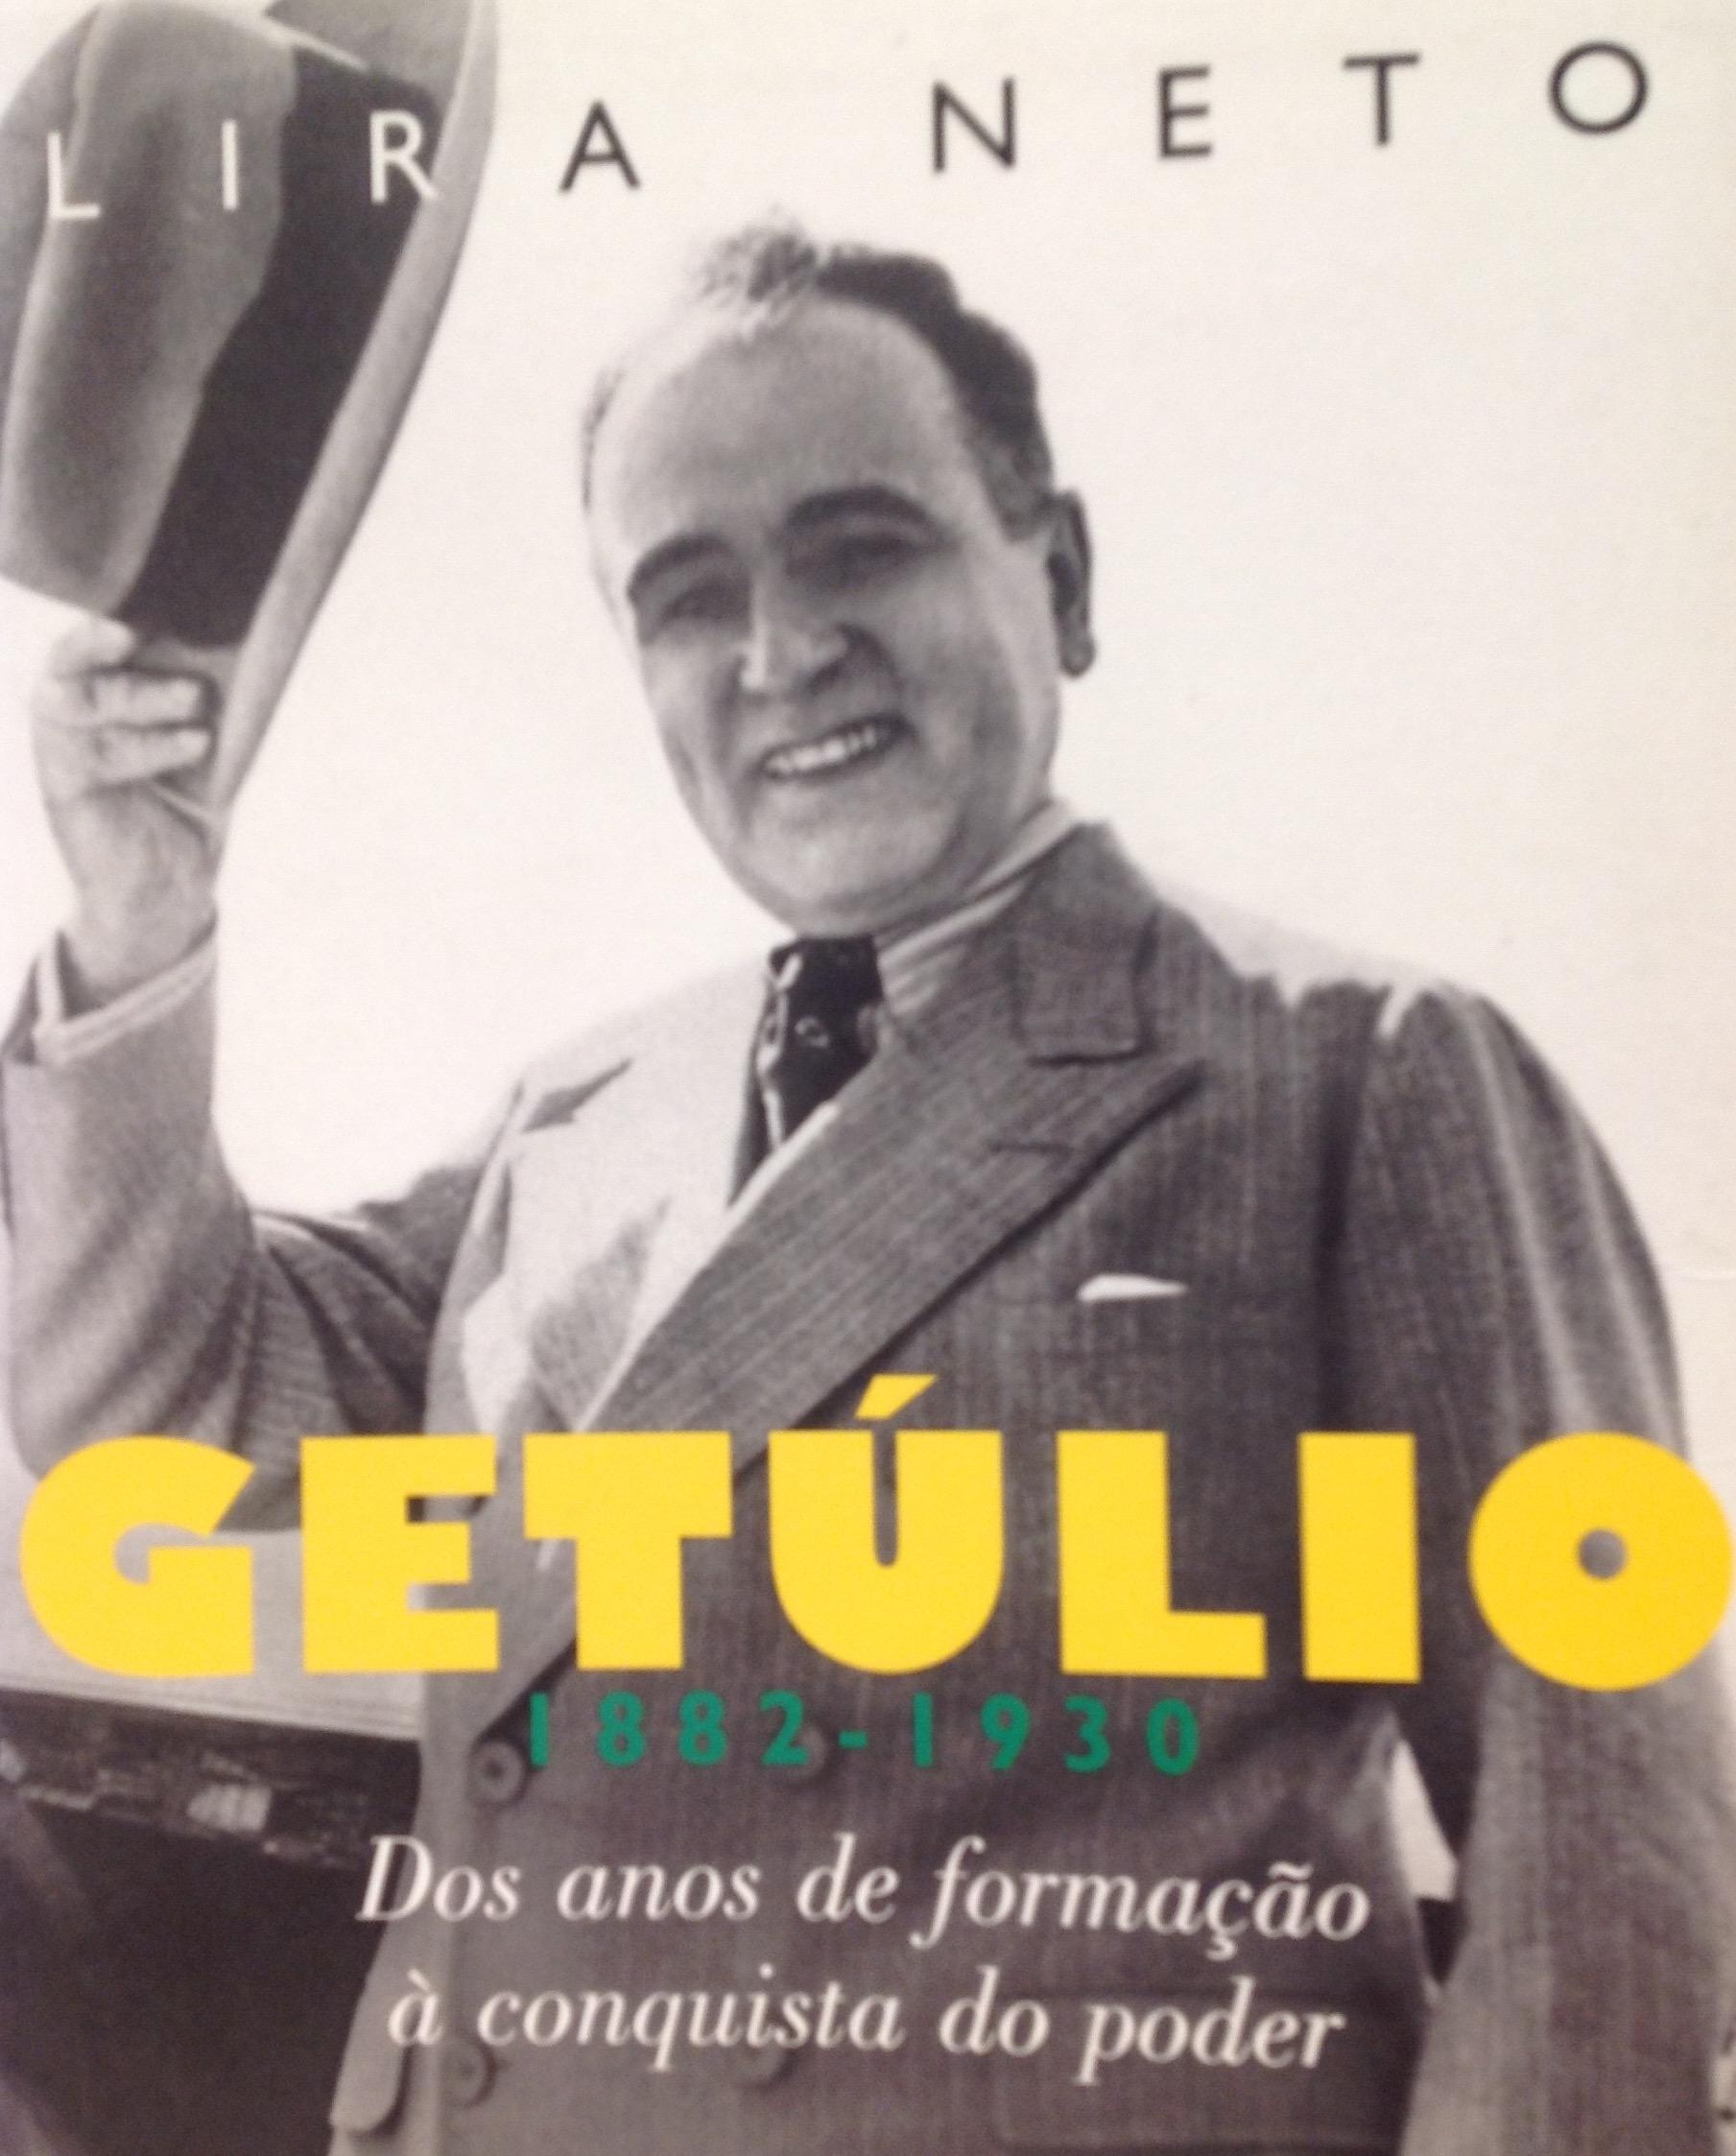 Getúlio: Dos anos de formação à conquista do poder